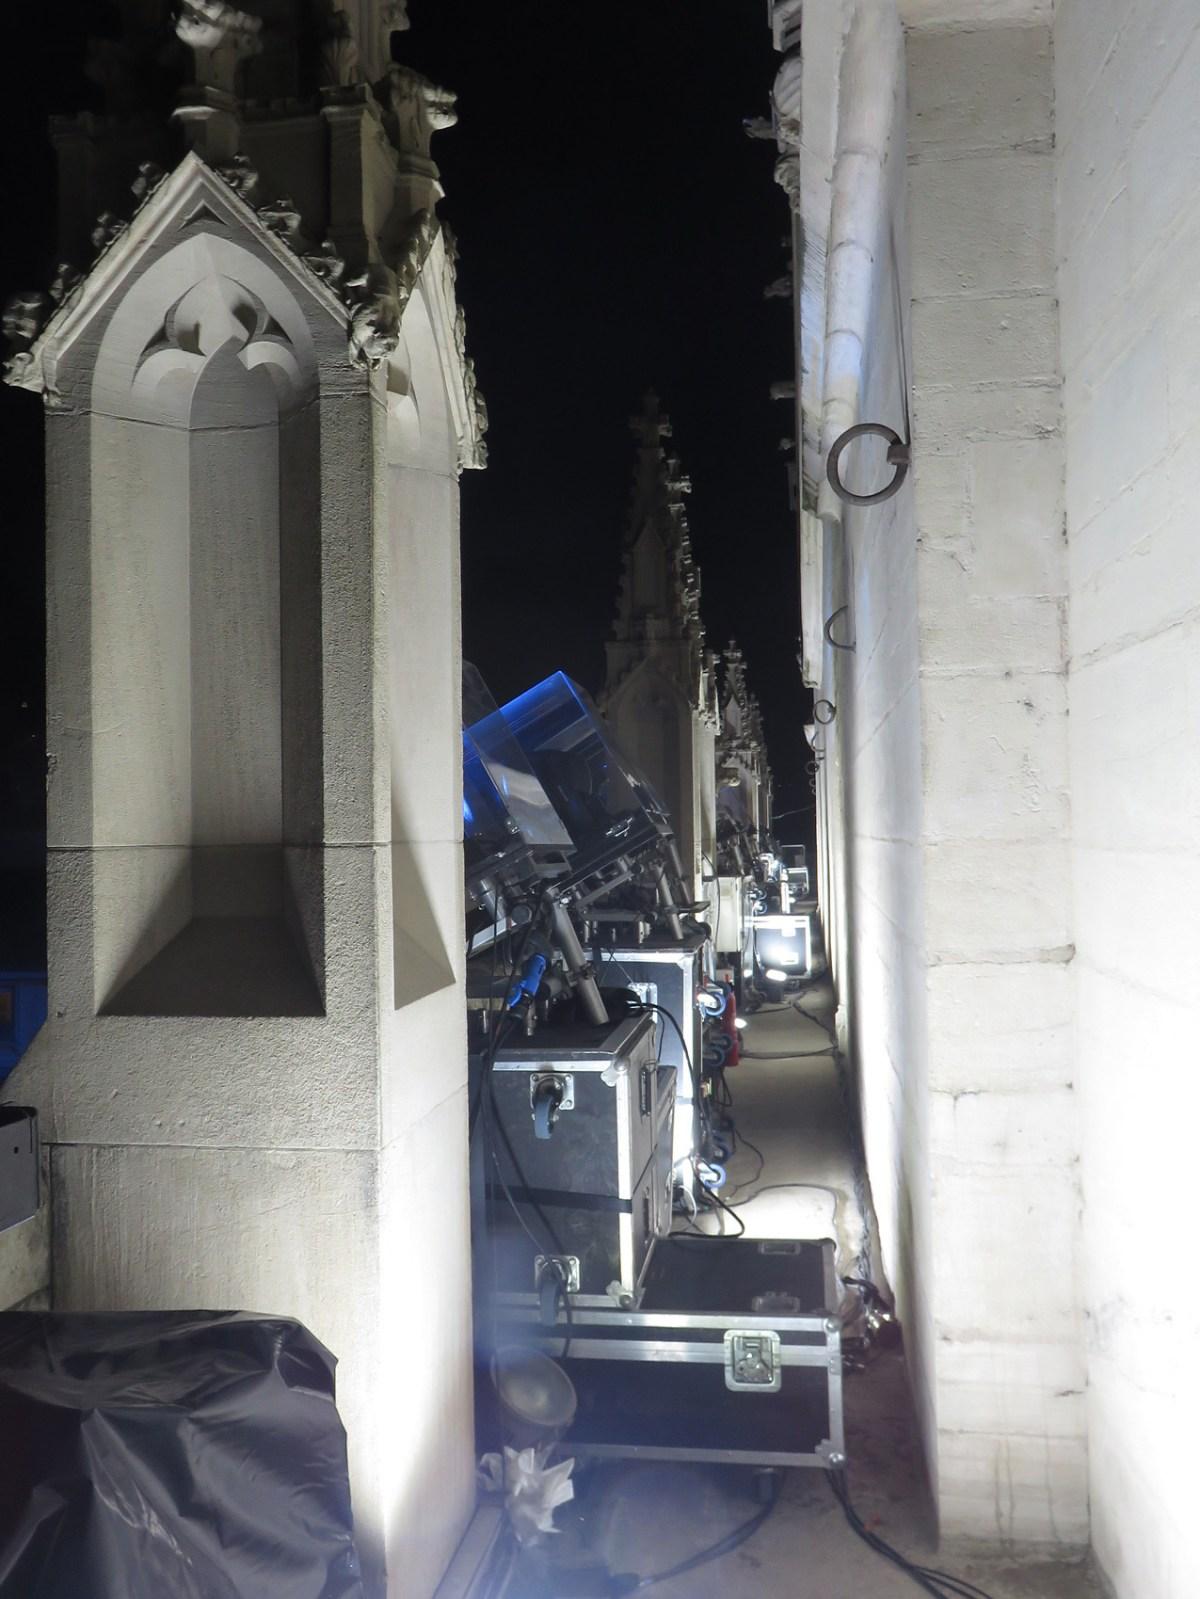 Implantation lumière au balcon, de nuit - Évolutions, cathédrale Saint-Jean - Fête des lumières 2016, Lyon, France